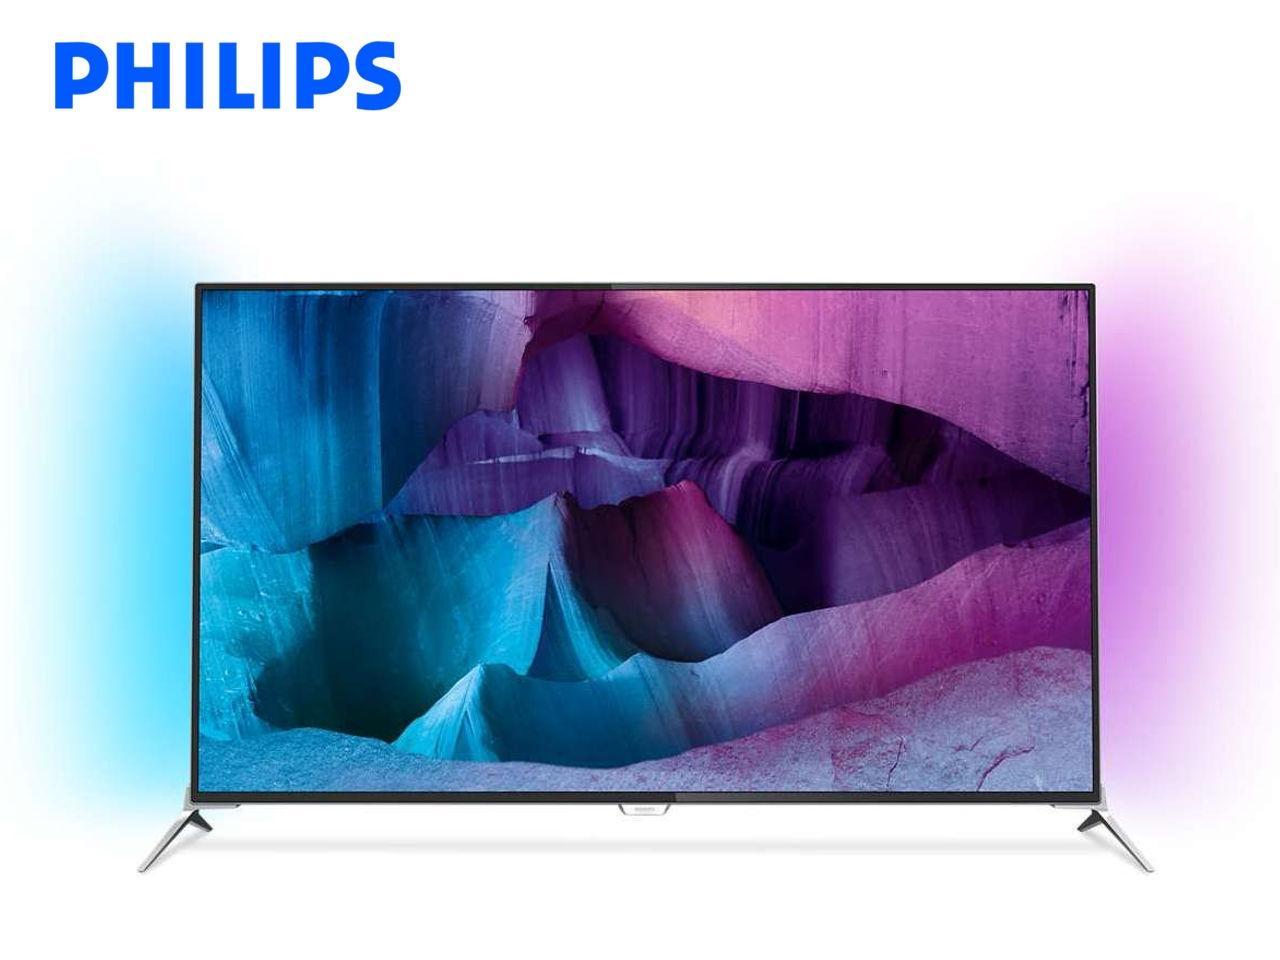 PHILIPS 43PUK7100 + 700 Kč na dárky nebo další nákup | CHAT on-line podpora PO-PÁ 8-22.00!!